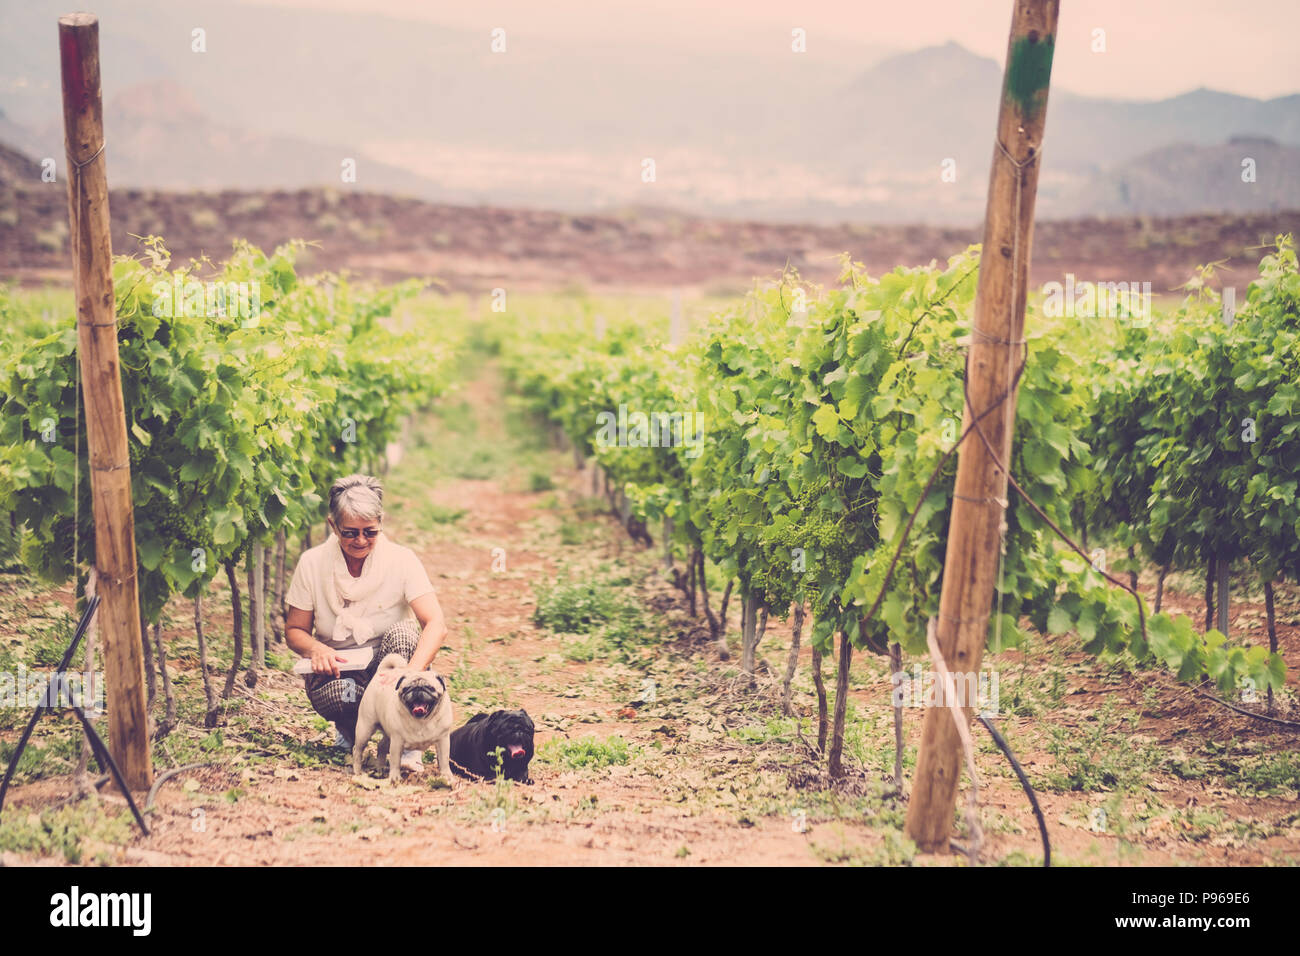 Vintage Bild mit kaukasischen Dame im Weinberg sitzen mit ihren zwei besten Freunden hund Mops. Freizeit Aktivitäten im Freien für die Gruppe im Glück. Liebe für Stockbild